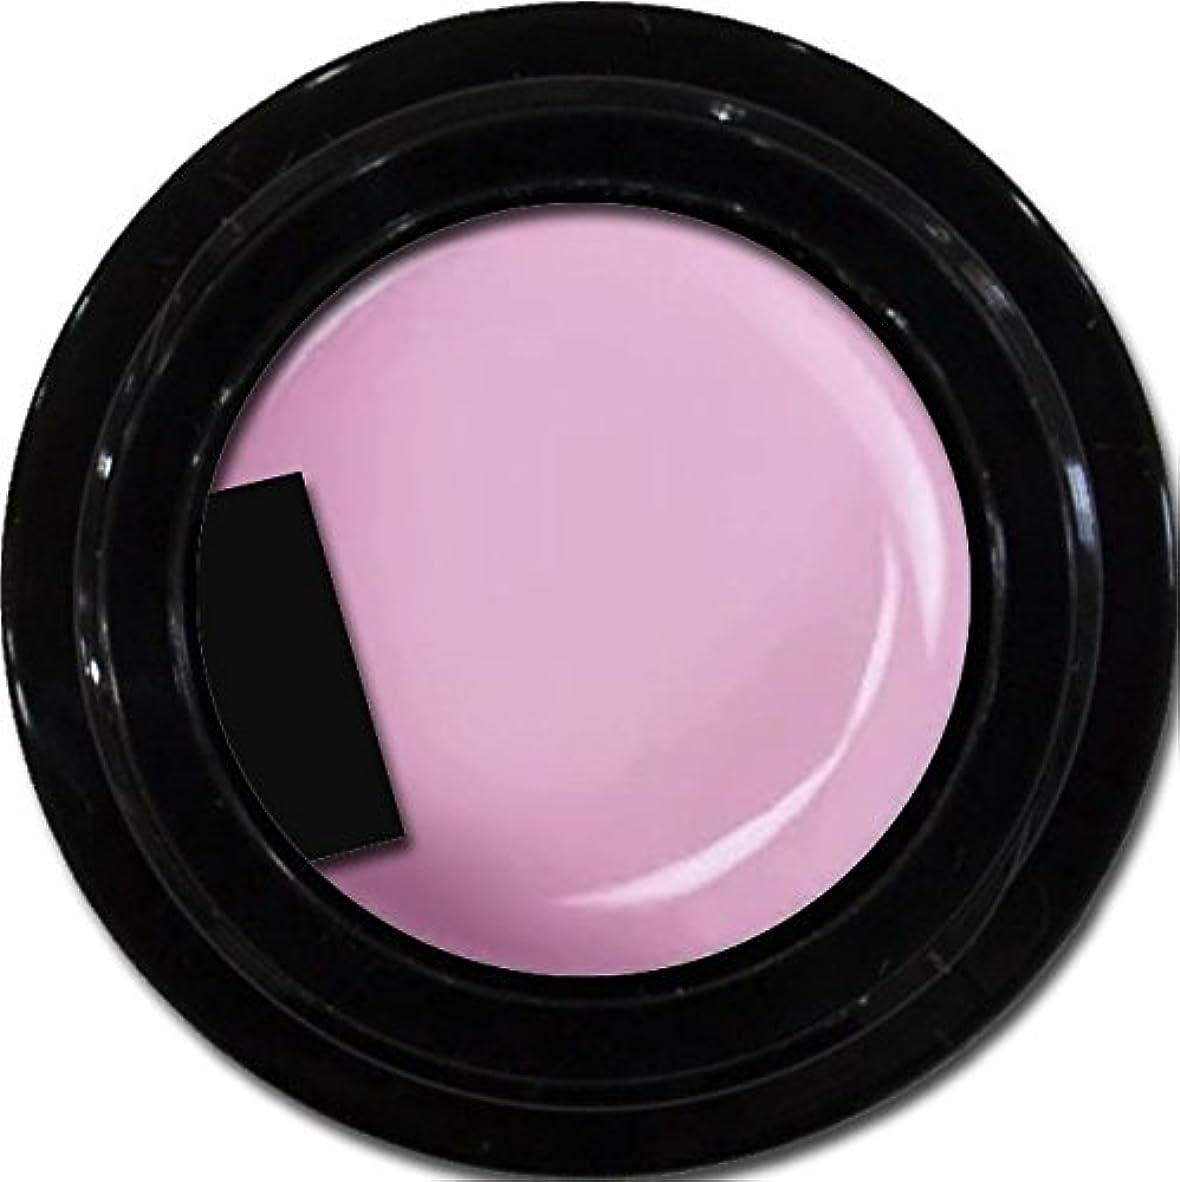 カラージェル enchant gel color gel S503 SheerLavender 3g/ エンチャントジェル カラージェル S503シアーラベンダー 3グラム